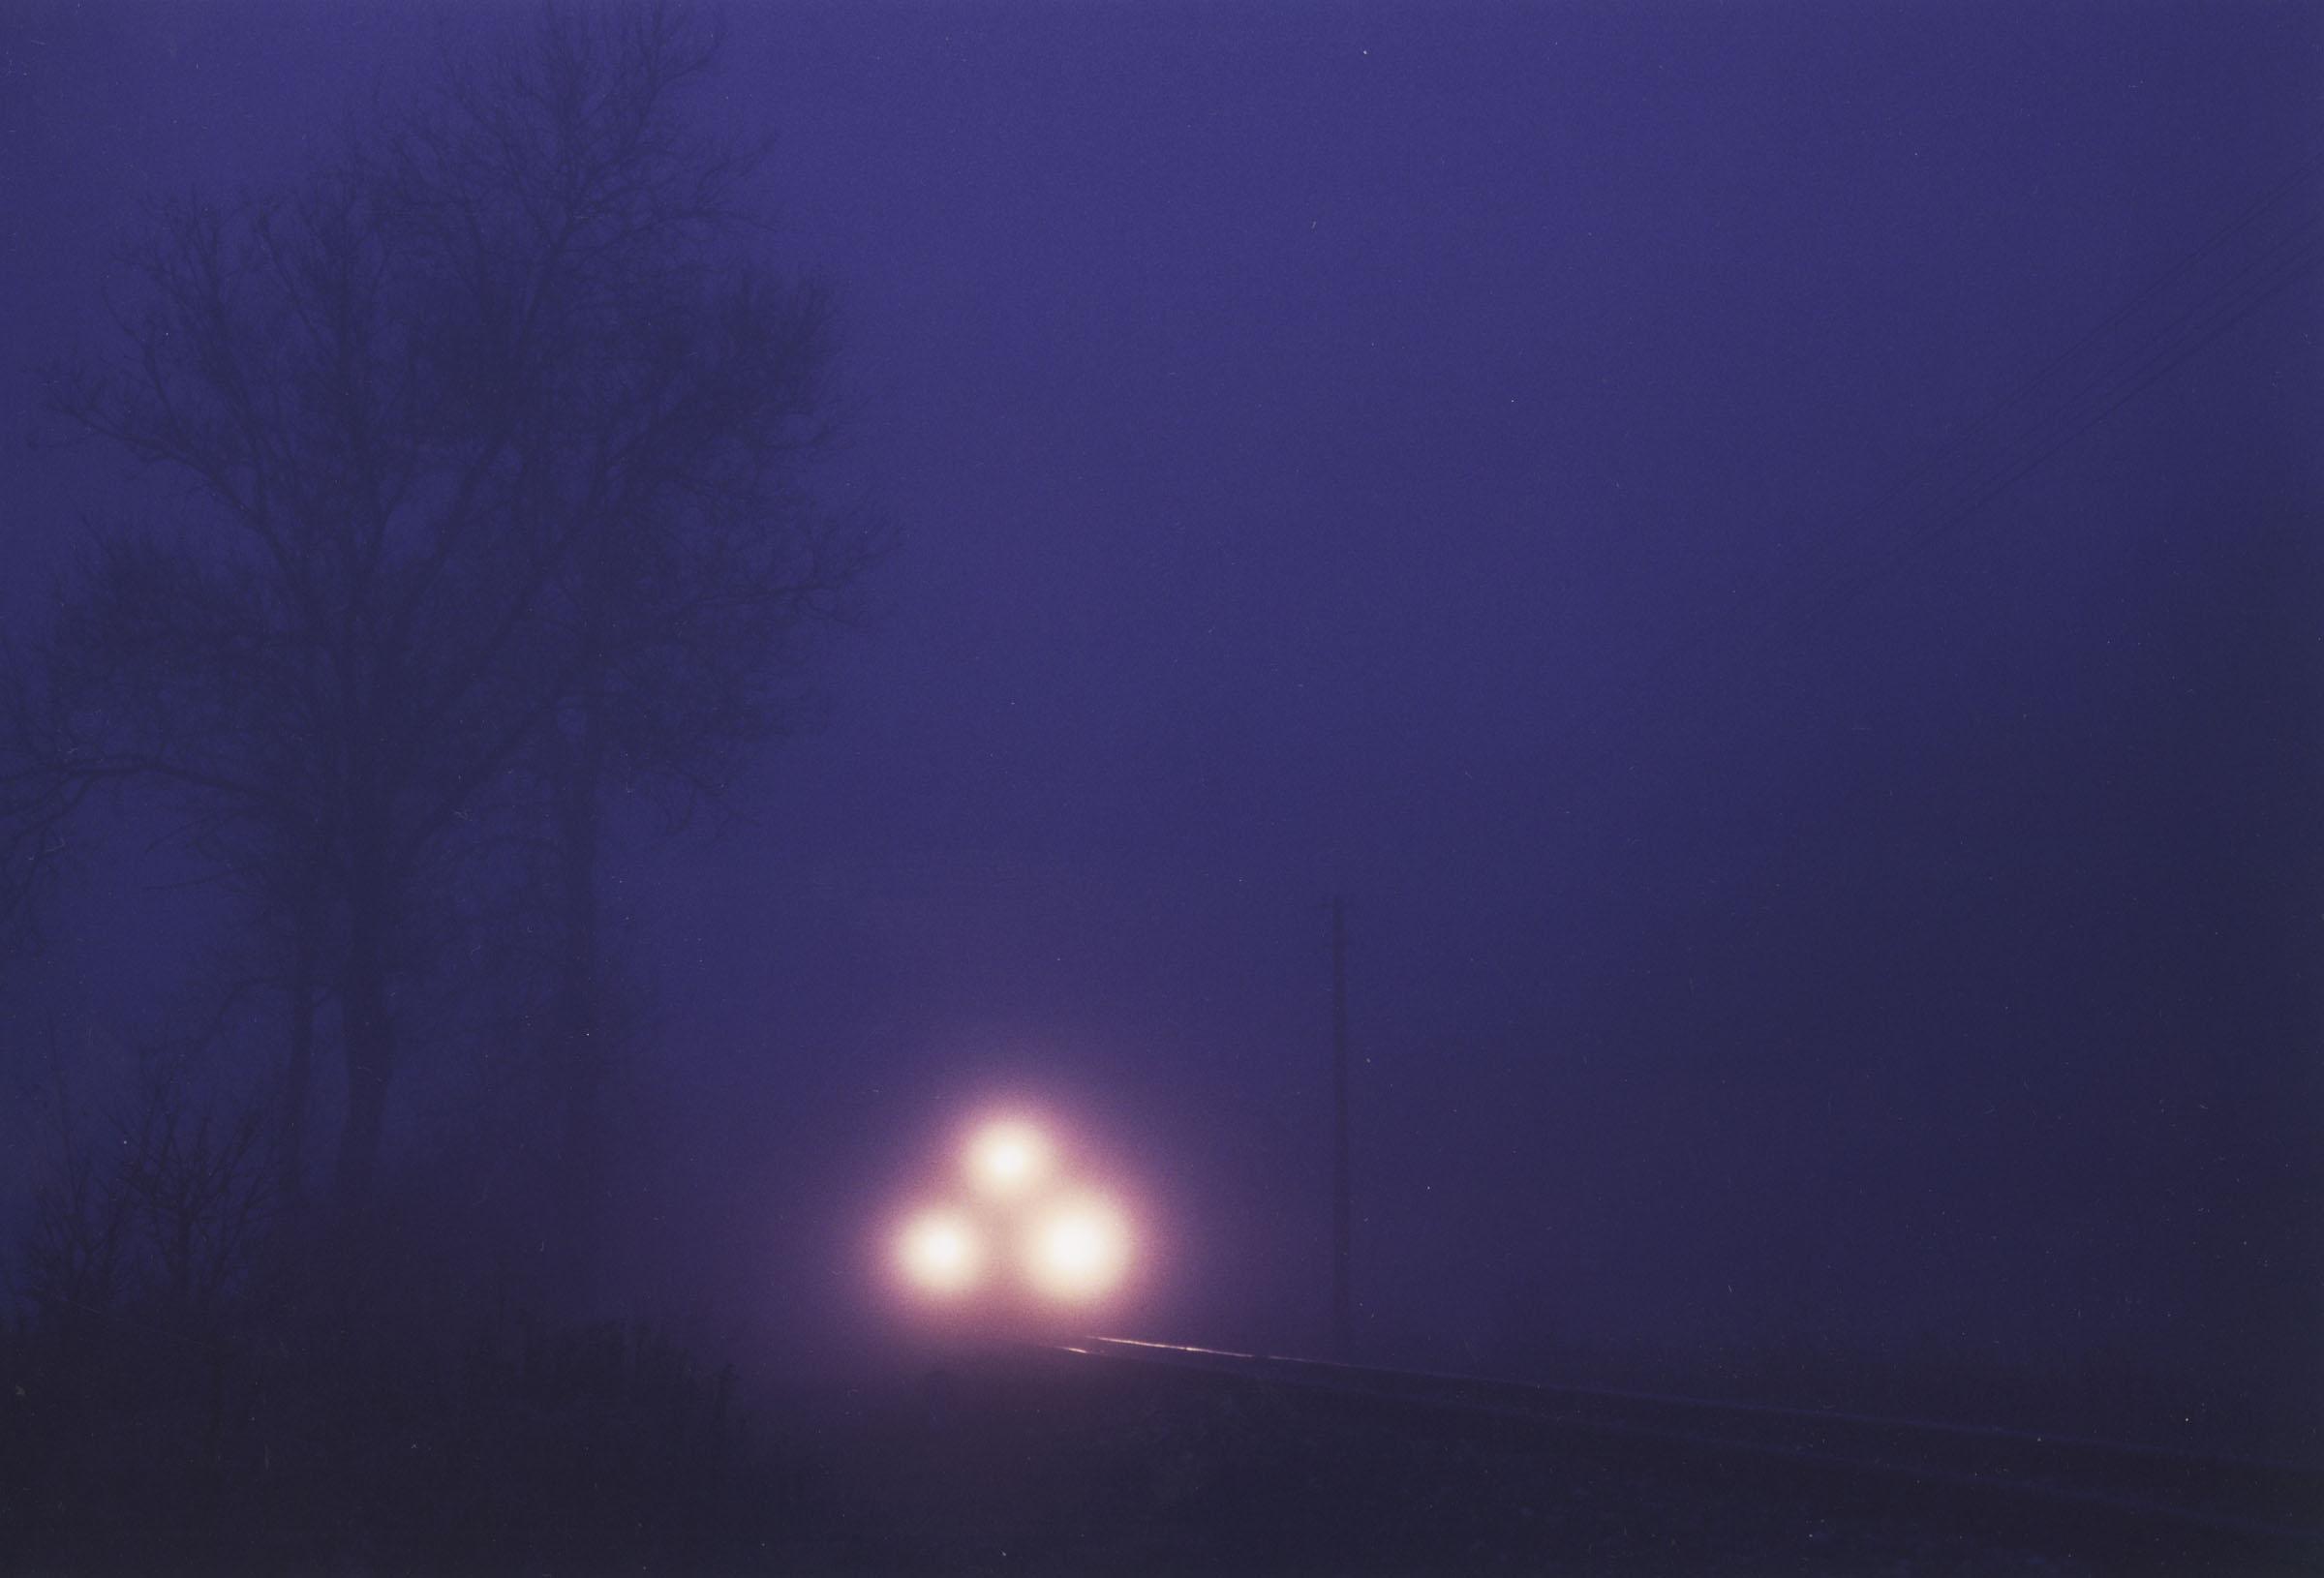 2004.09.18. Hétköznapok fotópályázat - Kiss Imre - Hajnali vonat.jpg